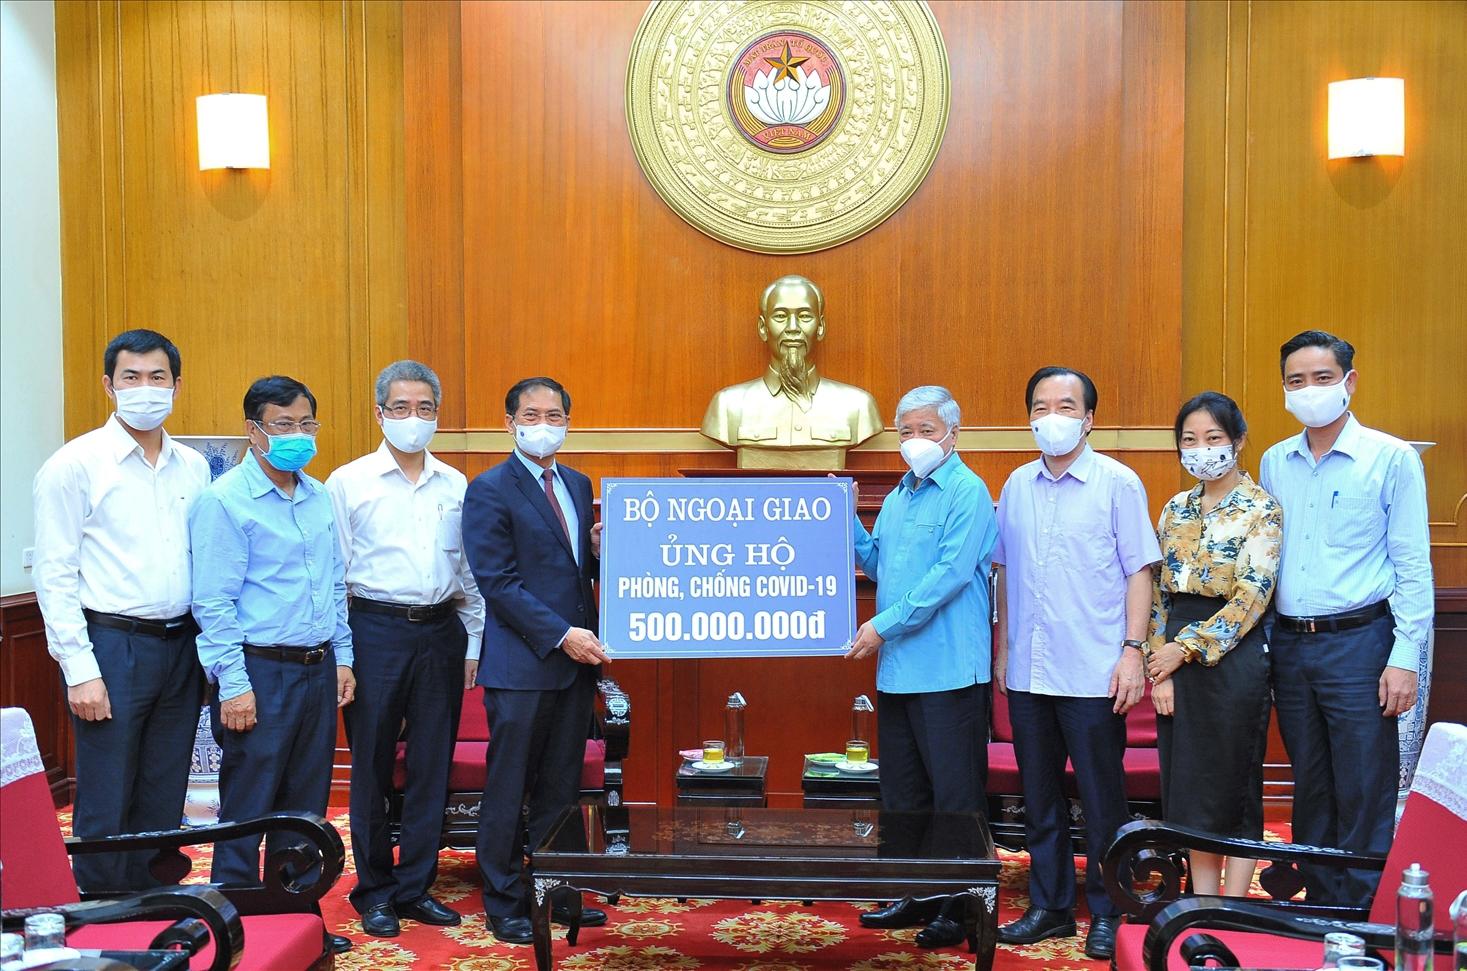 Bí thư Trung ương Đảng, Chủ tịch UBTƯ MTTQ Việt Nam Đỗ Văn Chiến đã tiếp nhận ủng hộ từ Bộ trưởng Bộ Ngoại giao Bùi Thanh Sơn